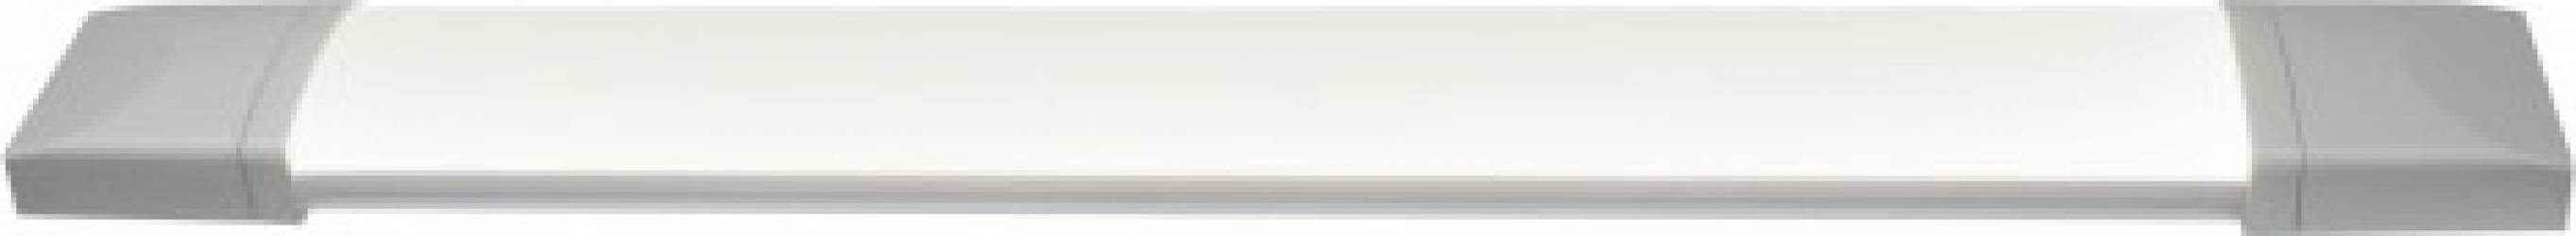 CORP LED JON 42436-36 Corpuri de iluminat